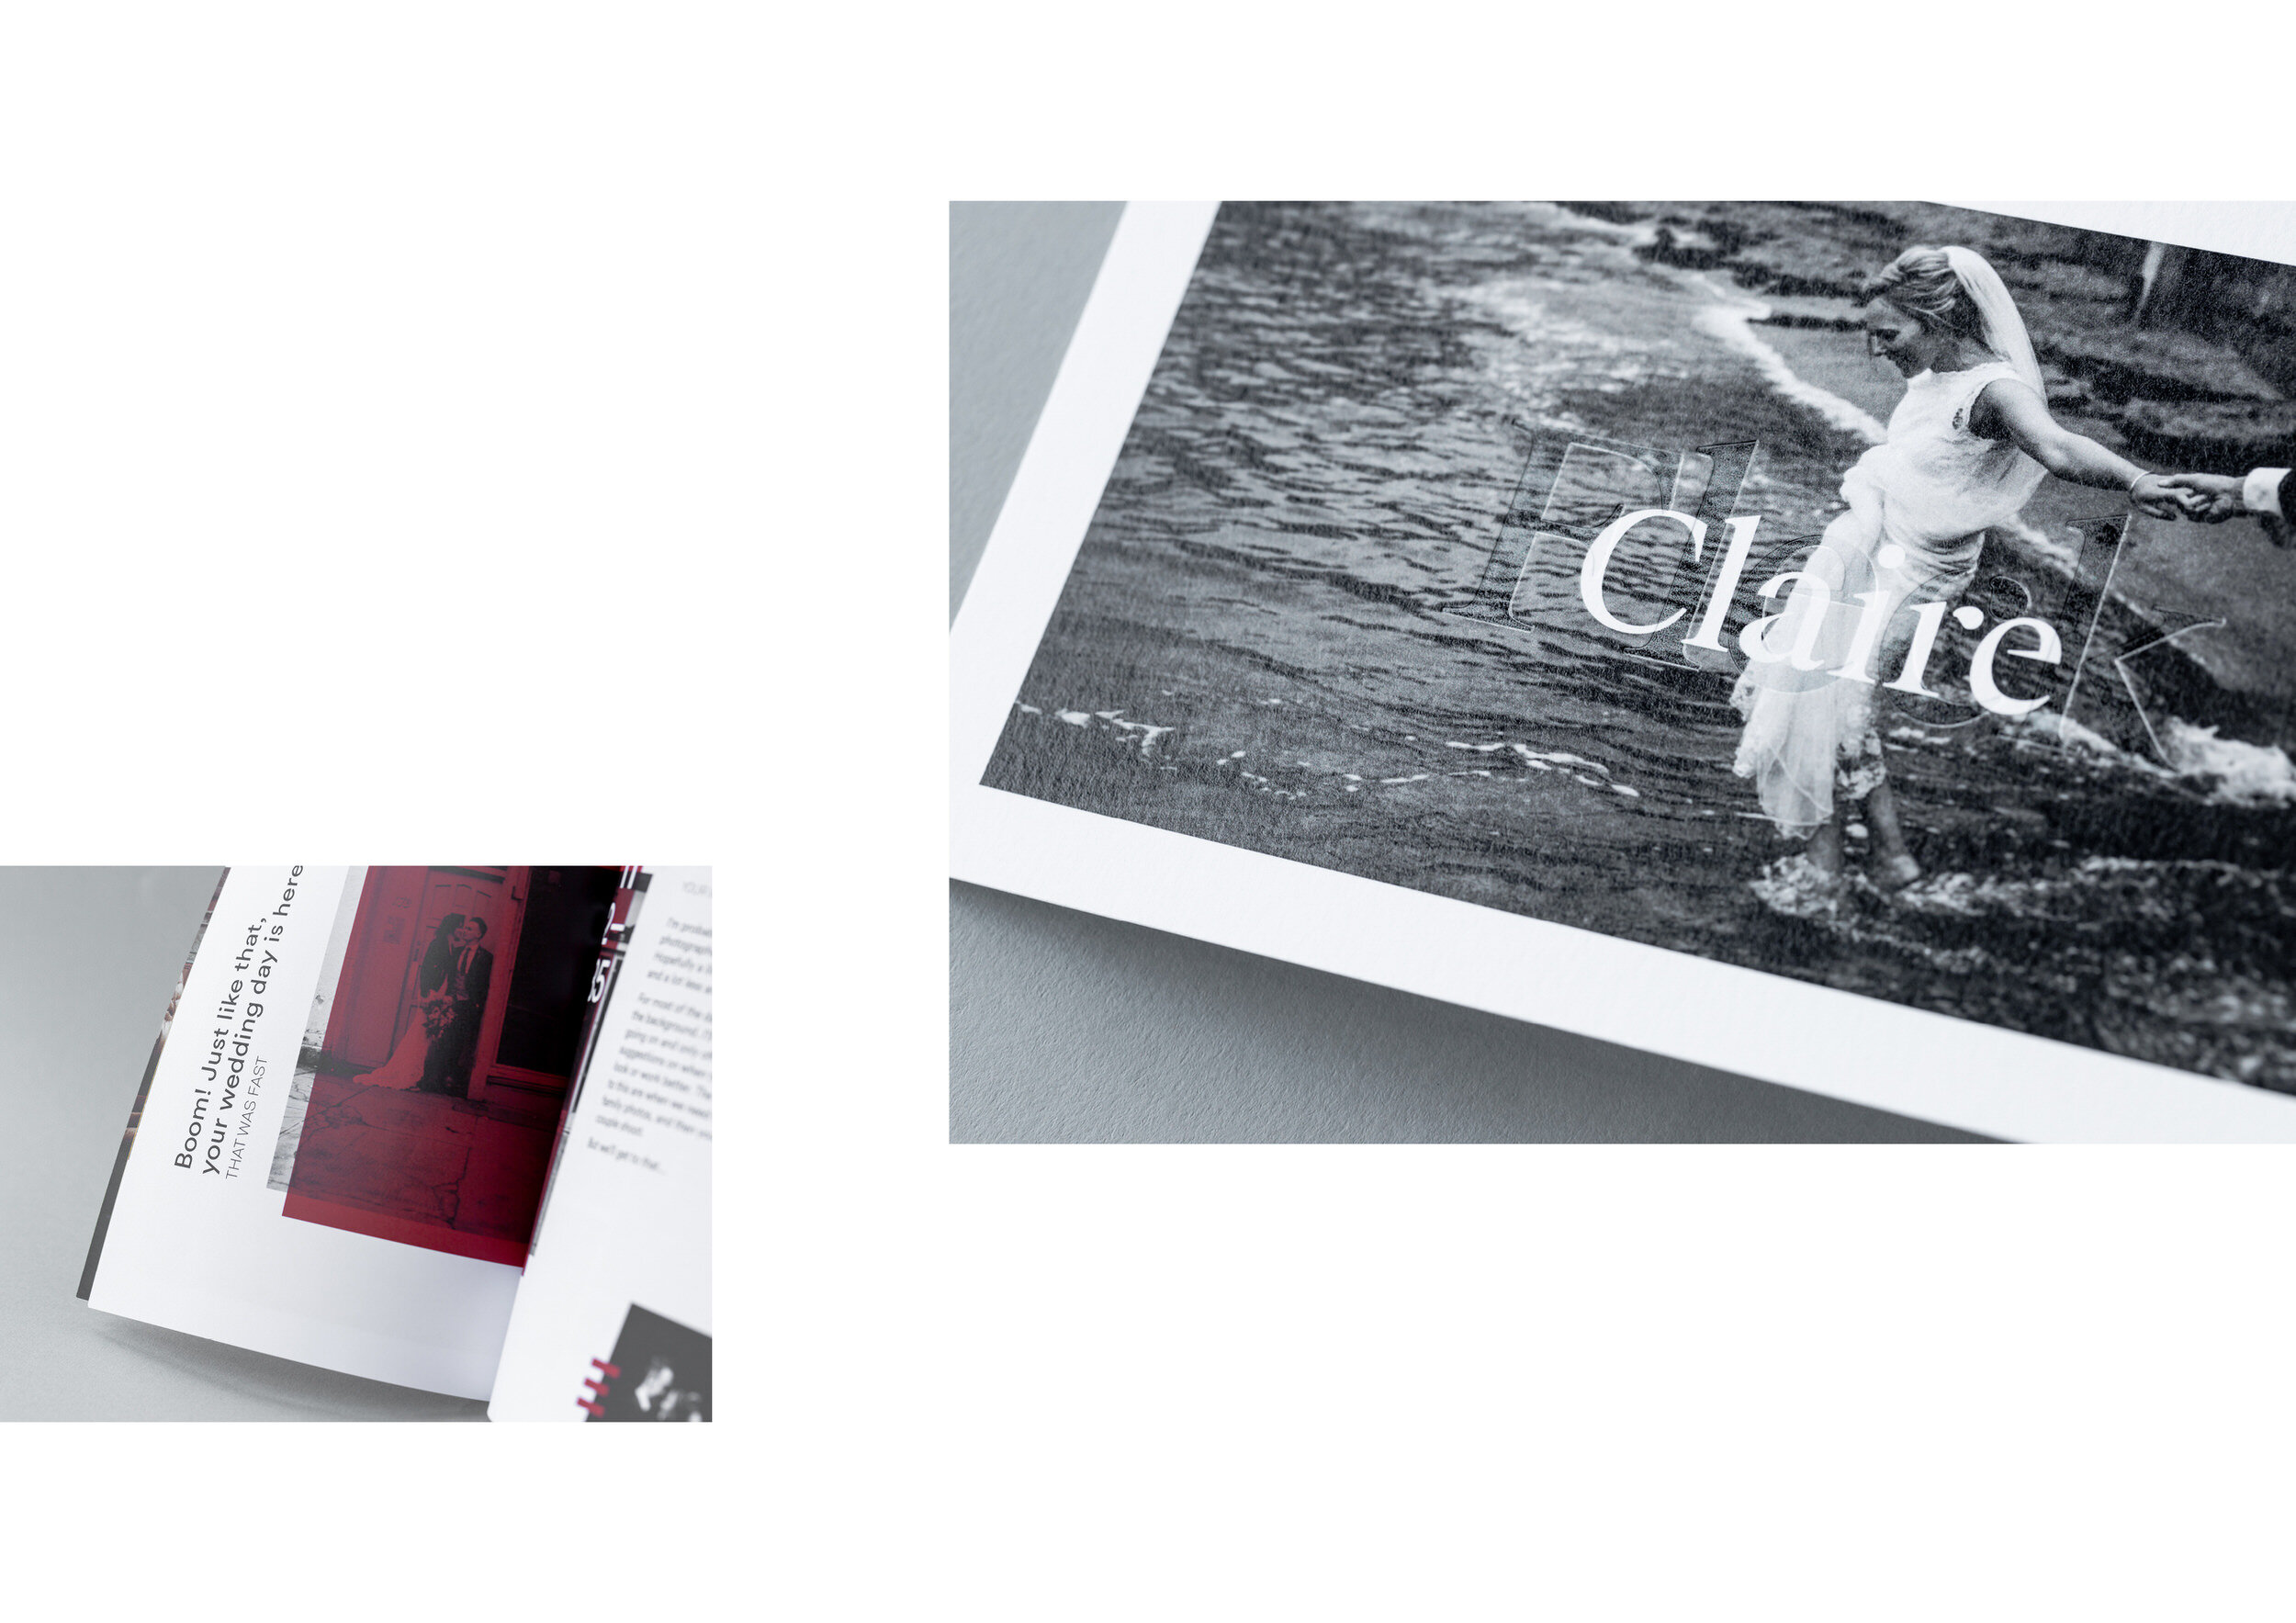 WalnutWasp-Print-Design-Services10.jpg